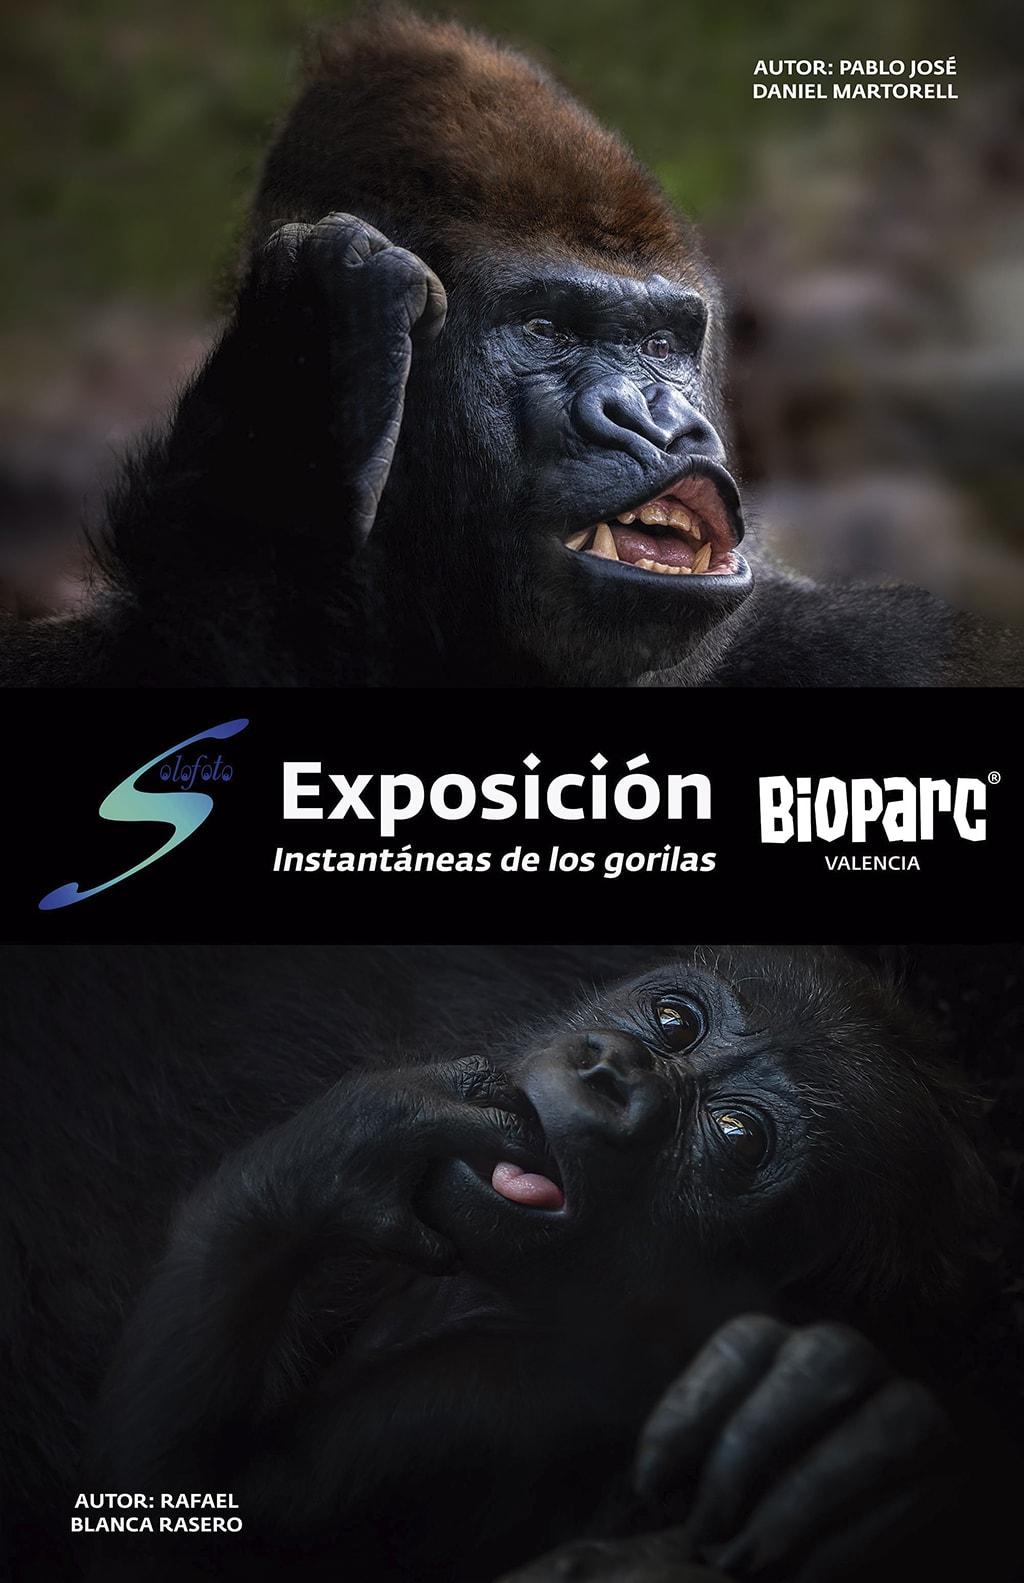 """Cartel Exposición fotográfica """"Instantáneas de los gorilas"""" en BIOPARC Valencia"""